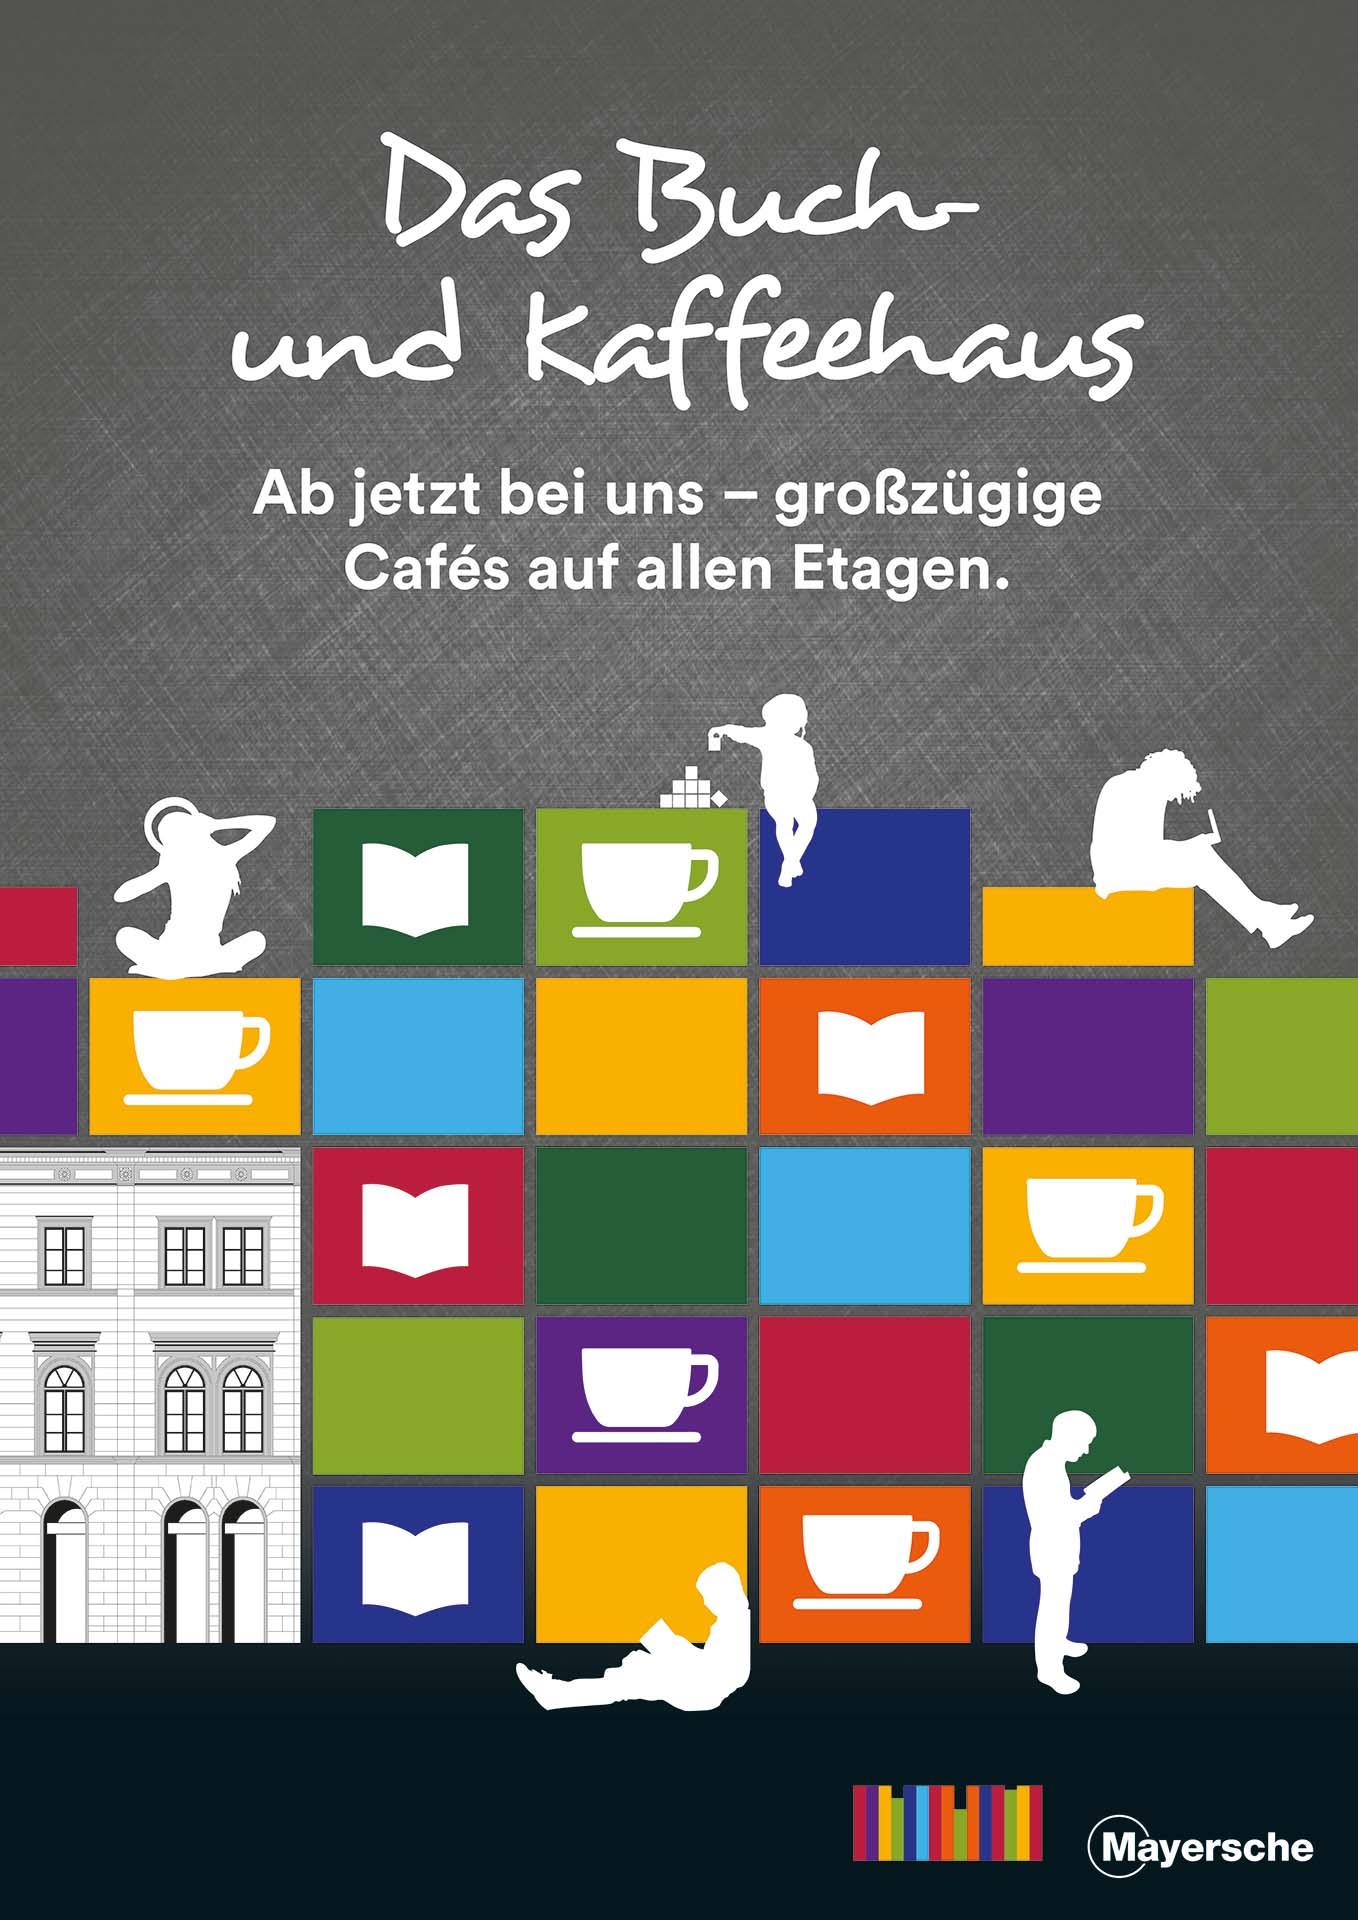 Poster der Kampagne für das Aachener Buch- und Kaffeehaus